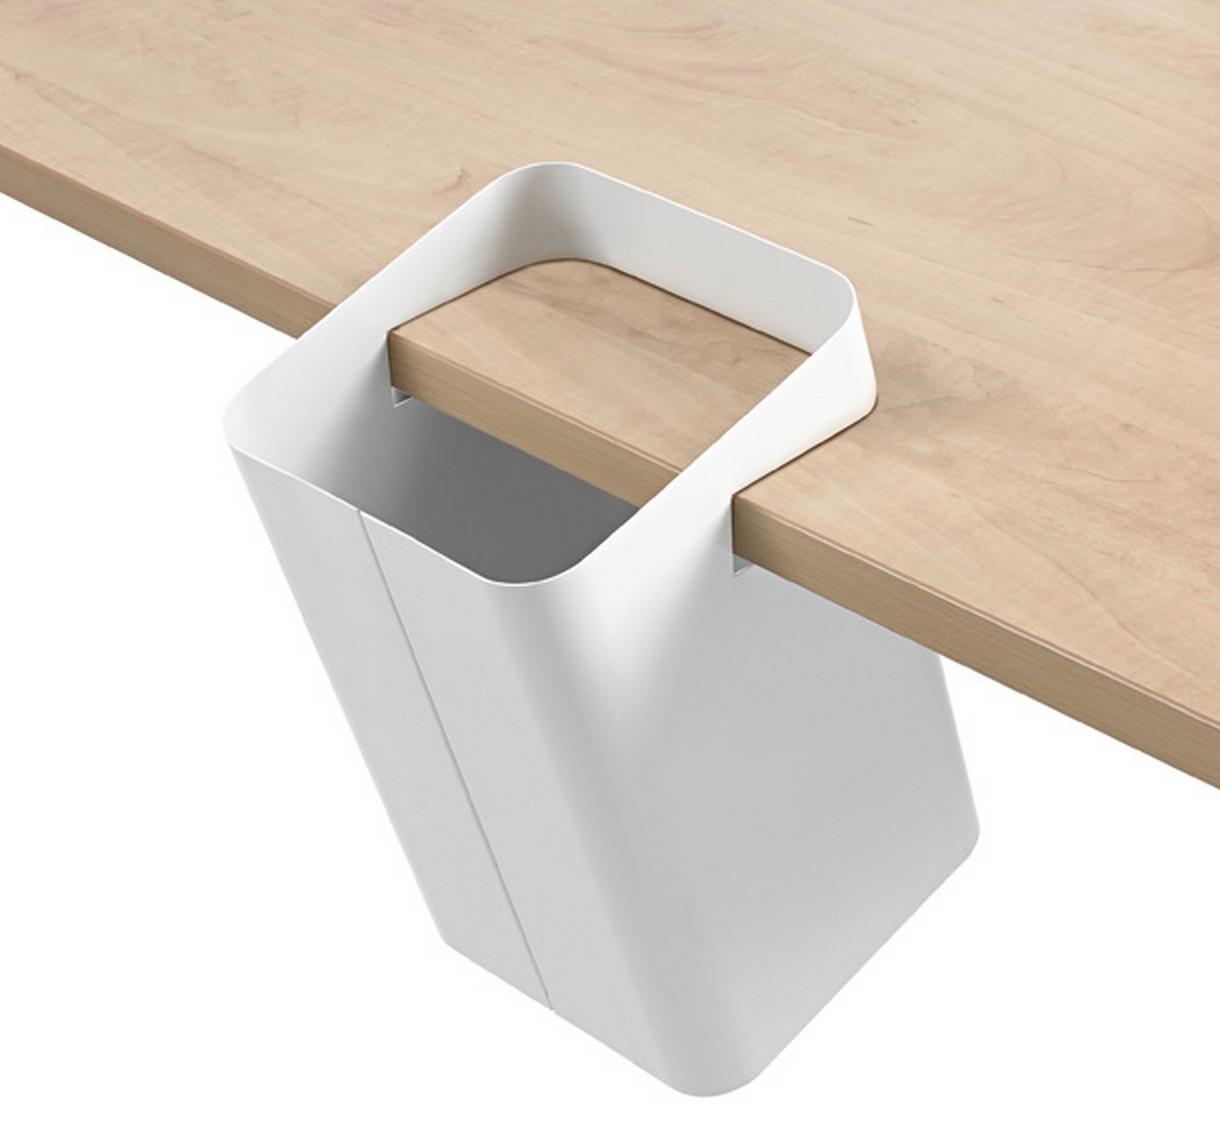 Poubelle bureau design - Poubelle de table design ...